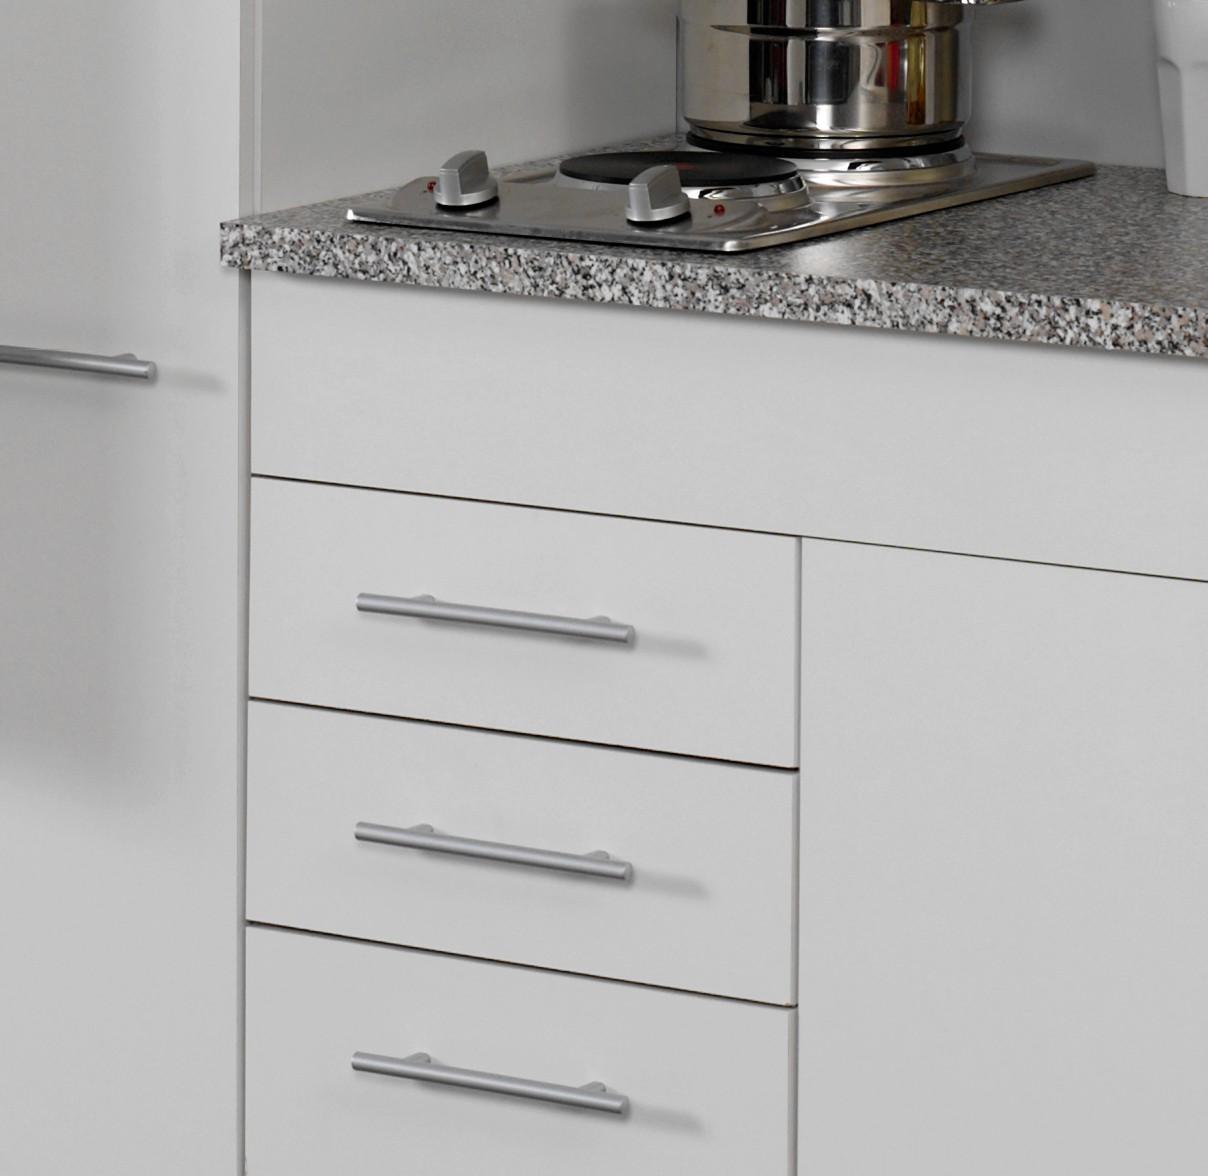 singlek che berlin mit k hlschrank breite 210 cm wei k che singlek chen. Black Bedroom Furniture Sets. Home Design Ideas